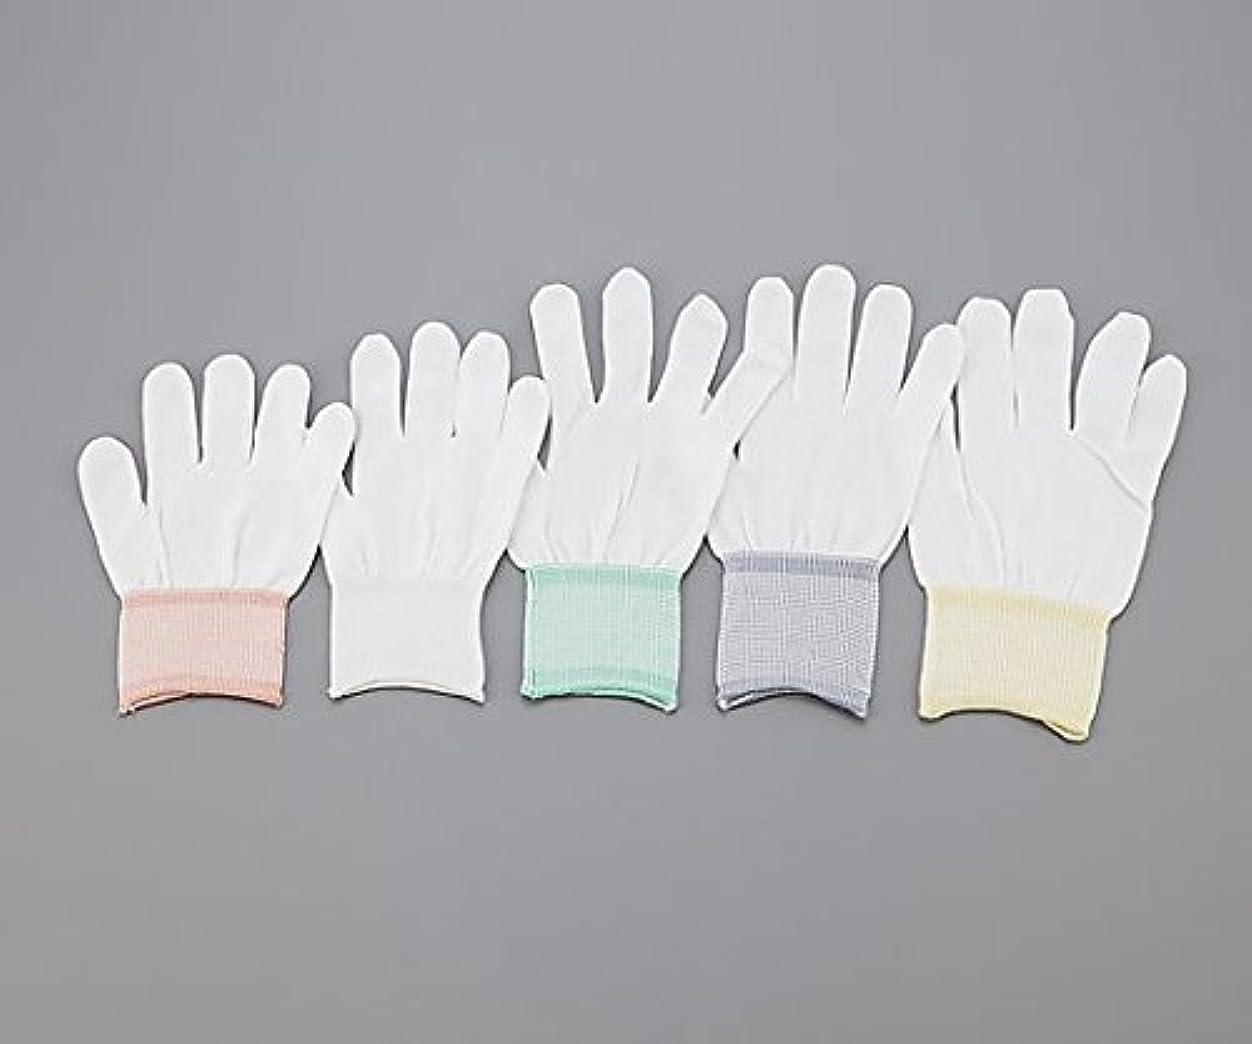 対象貫入軍アズピュア(アズワン)1-4294-01アズピュアインナー手袋指先有りS10双20枚